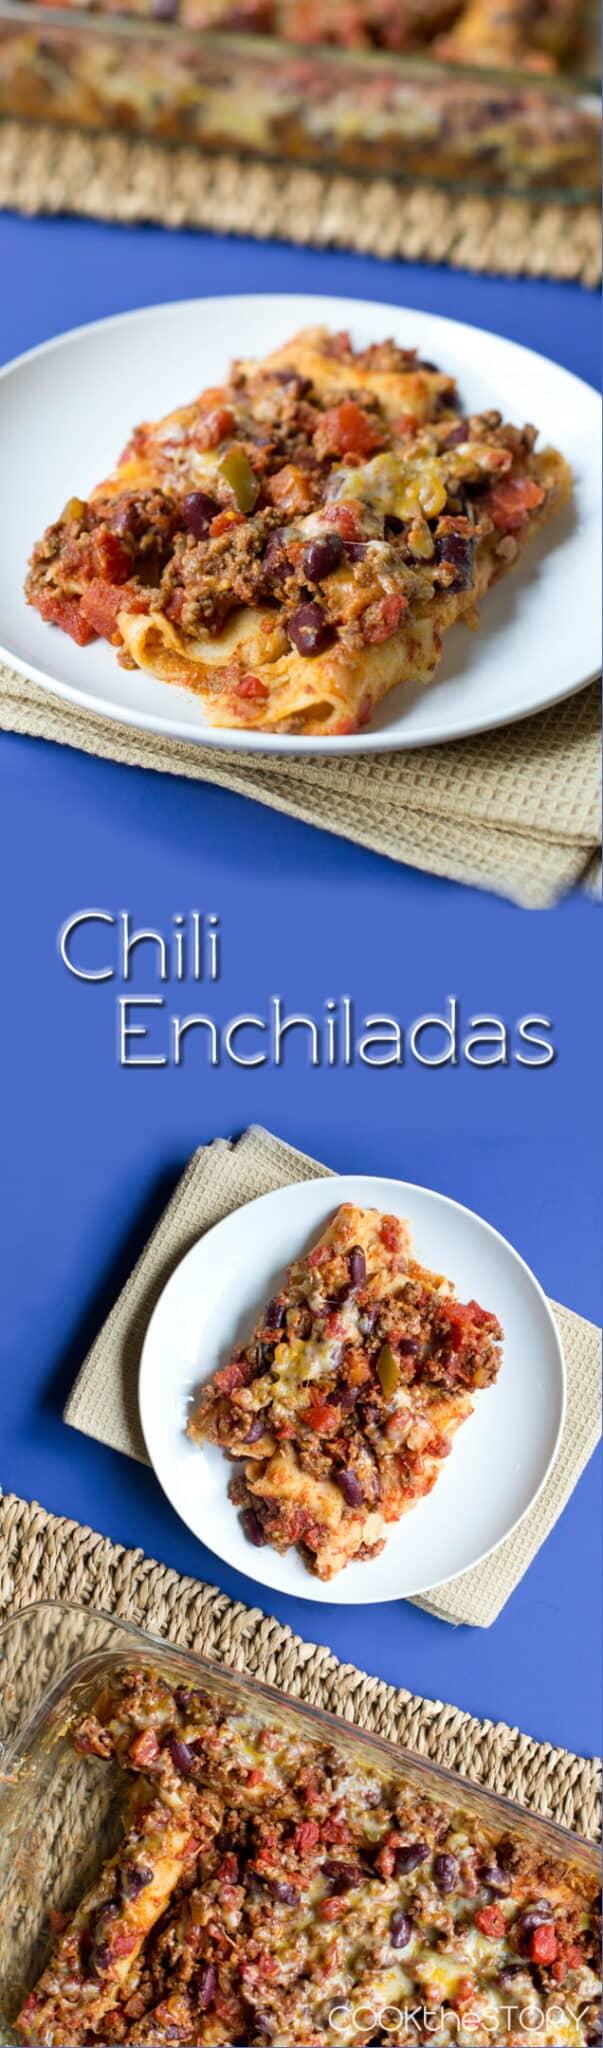 Chili Enchiladas collage text